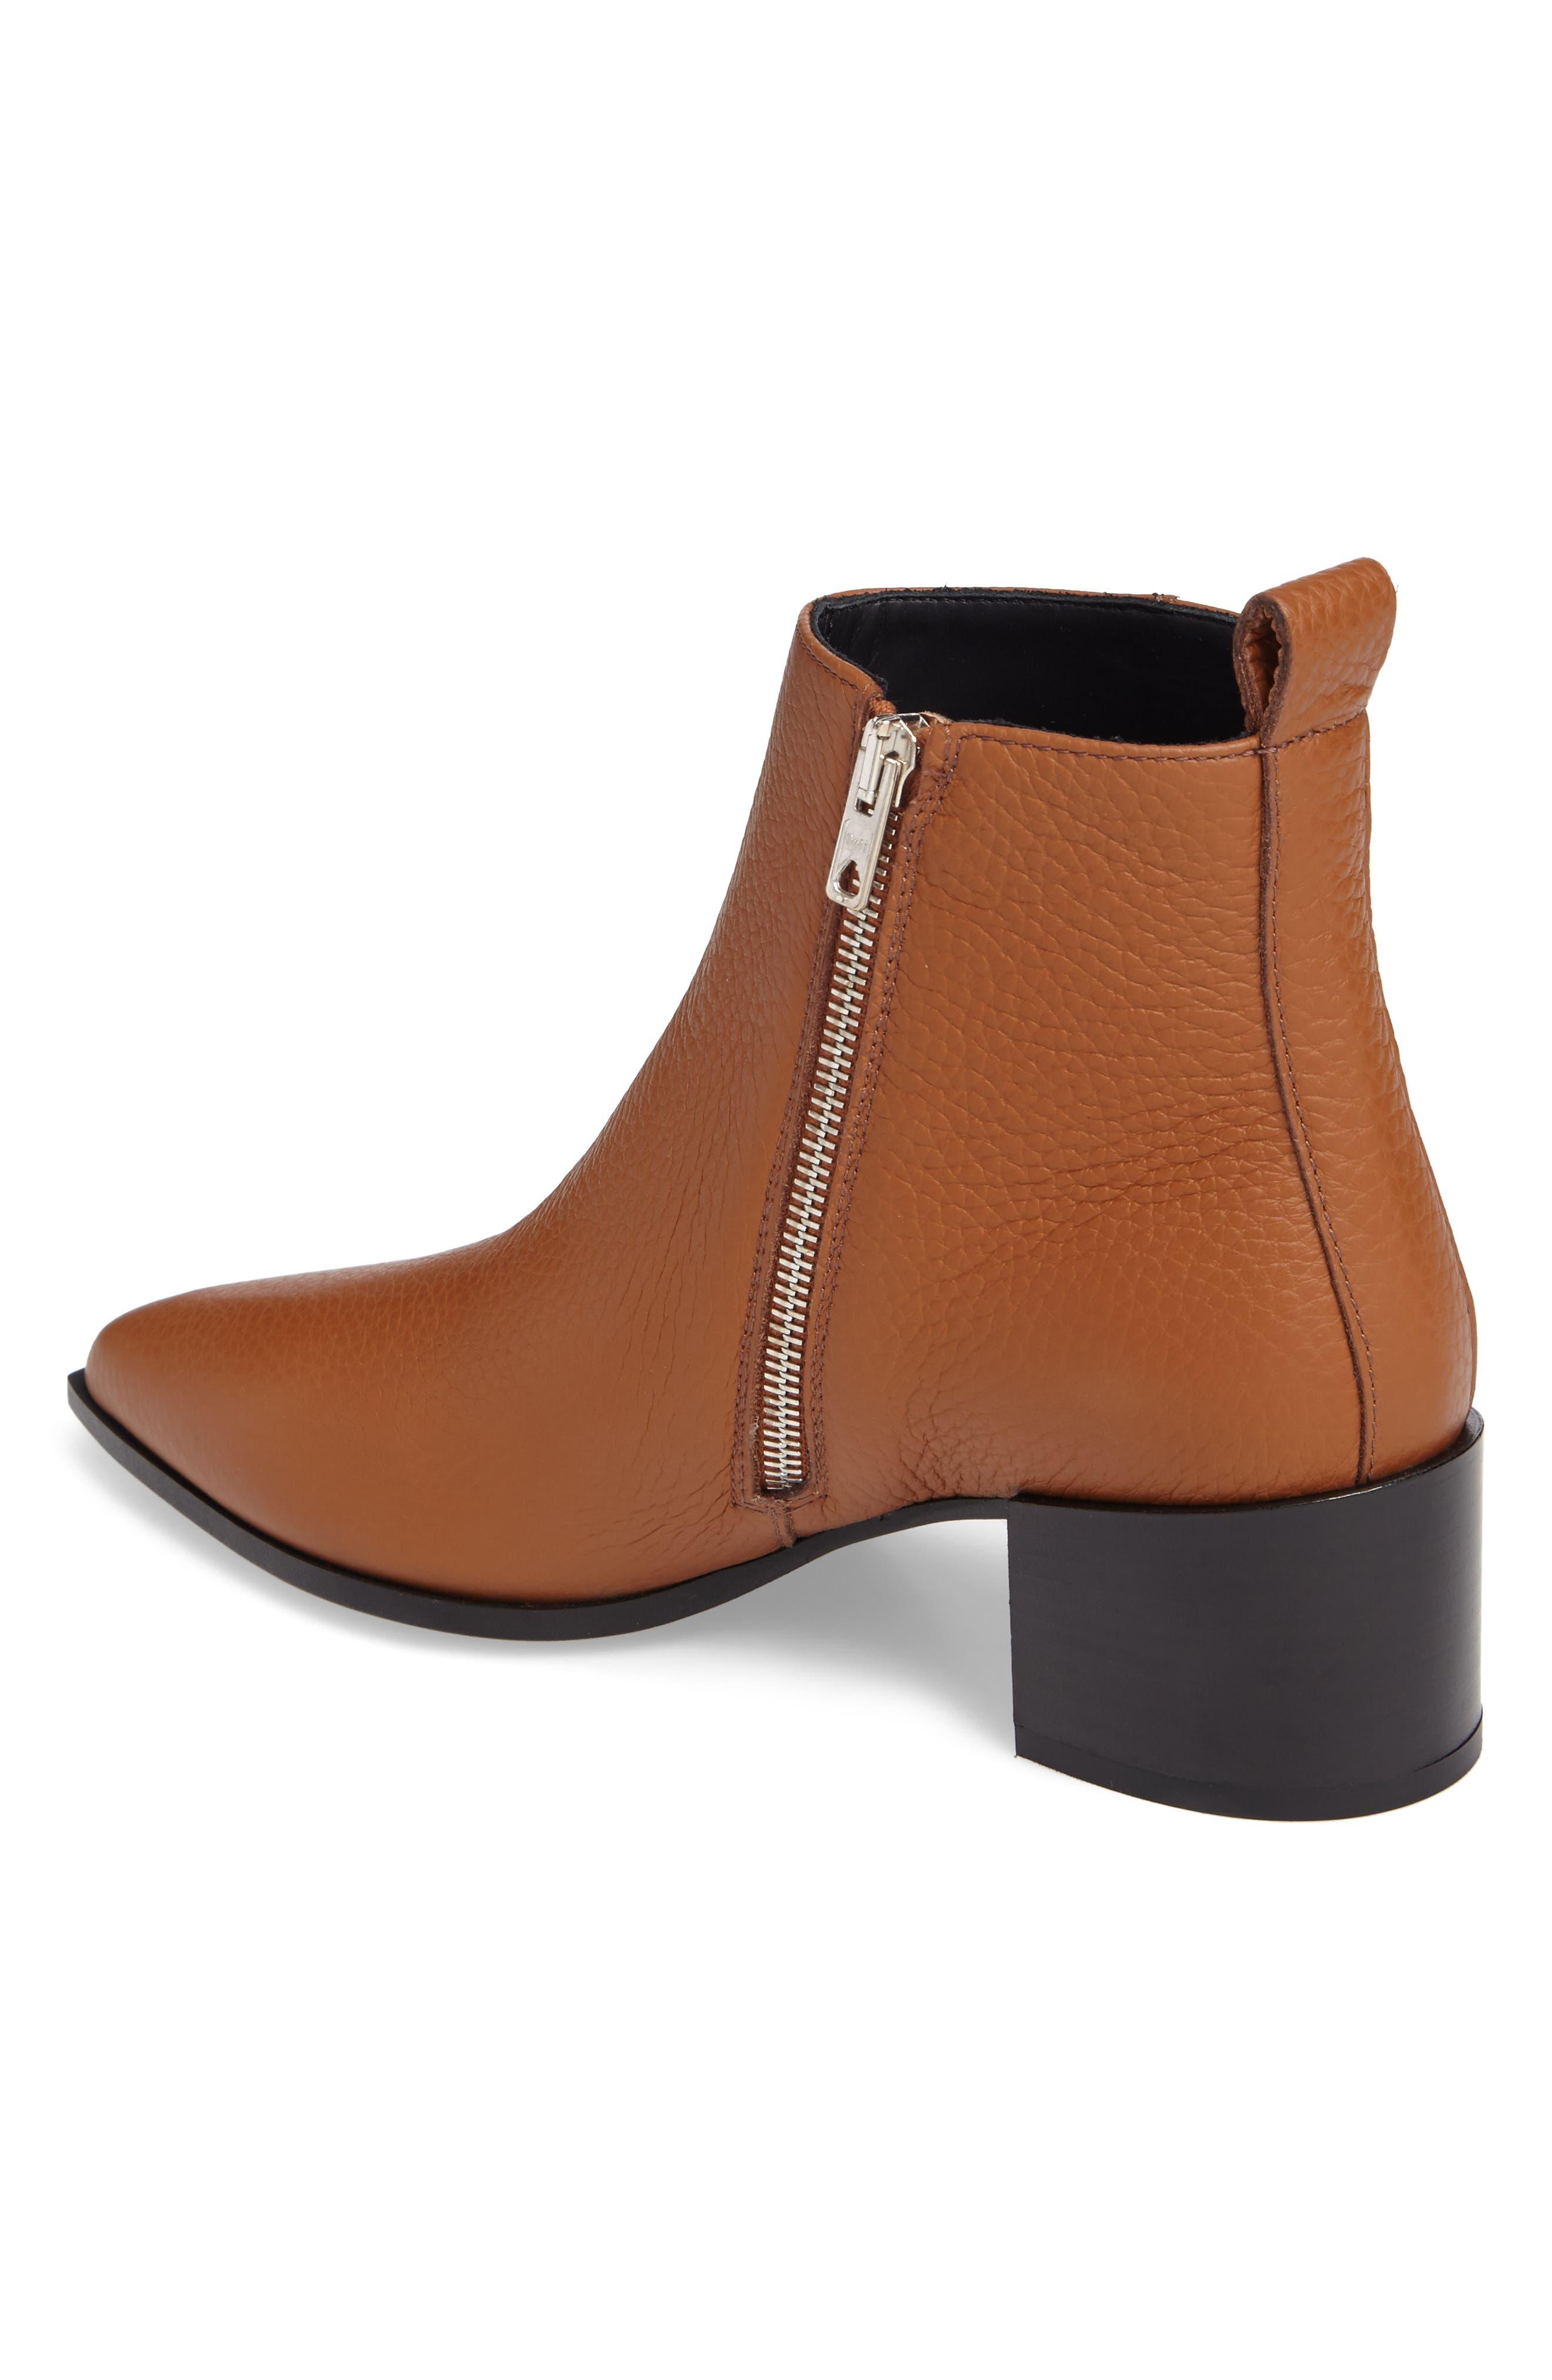 Alternate Image 2  - Everlane The Boss Boot (Women)